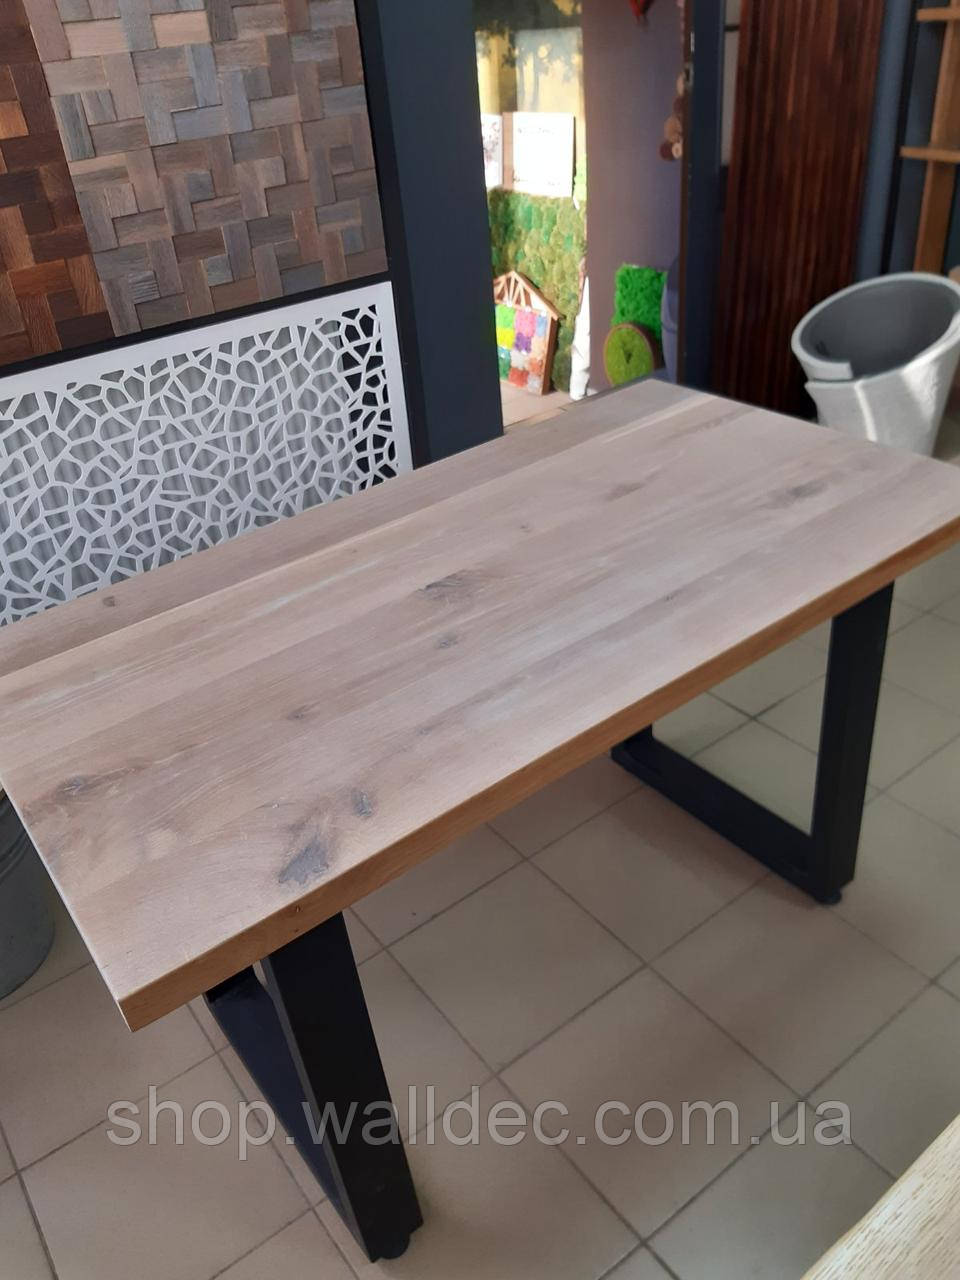 Обідній стіл з масиву дуба колір вибілений